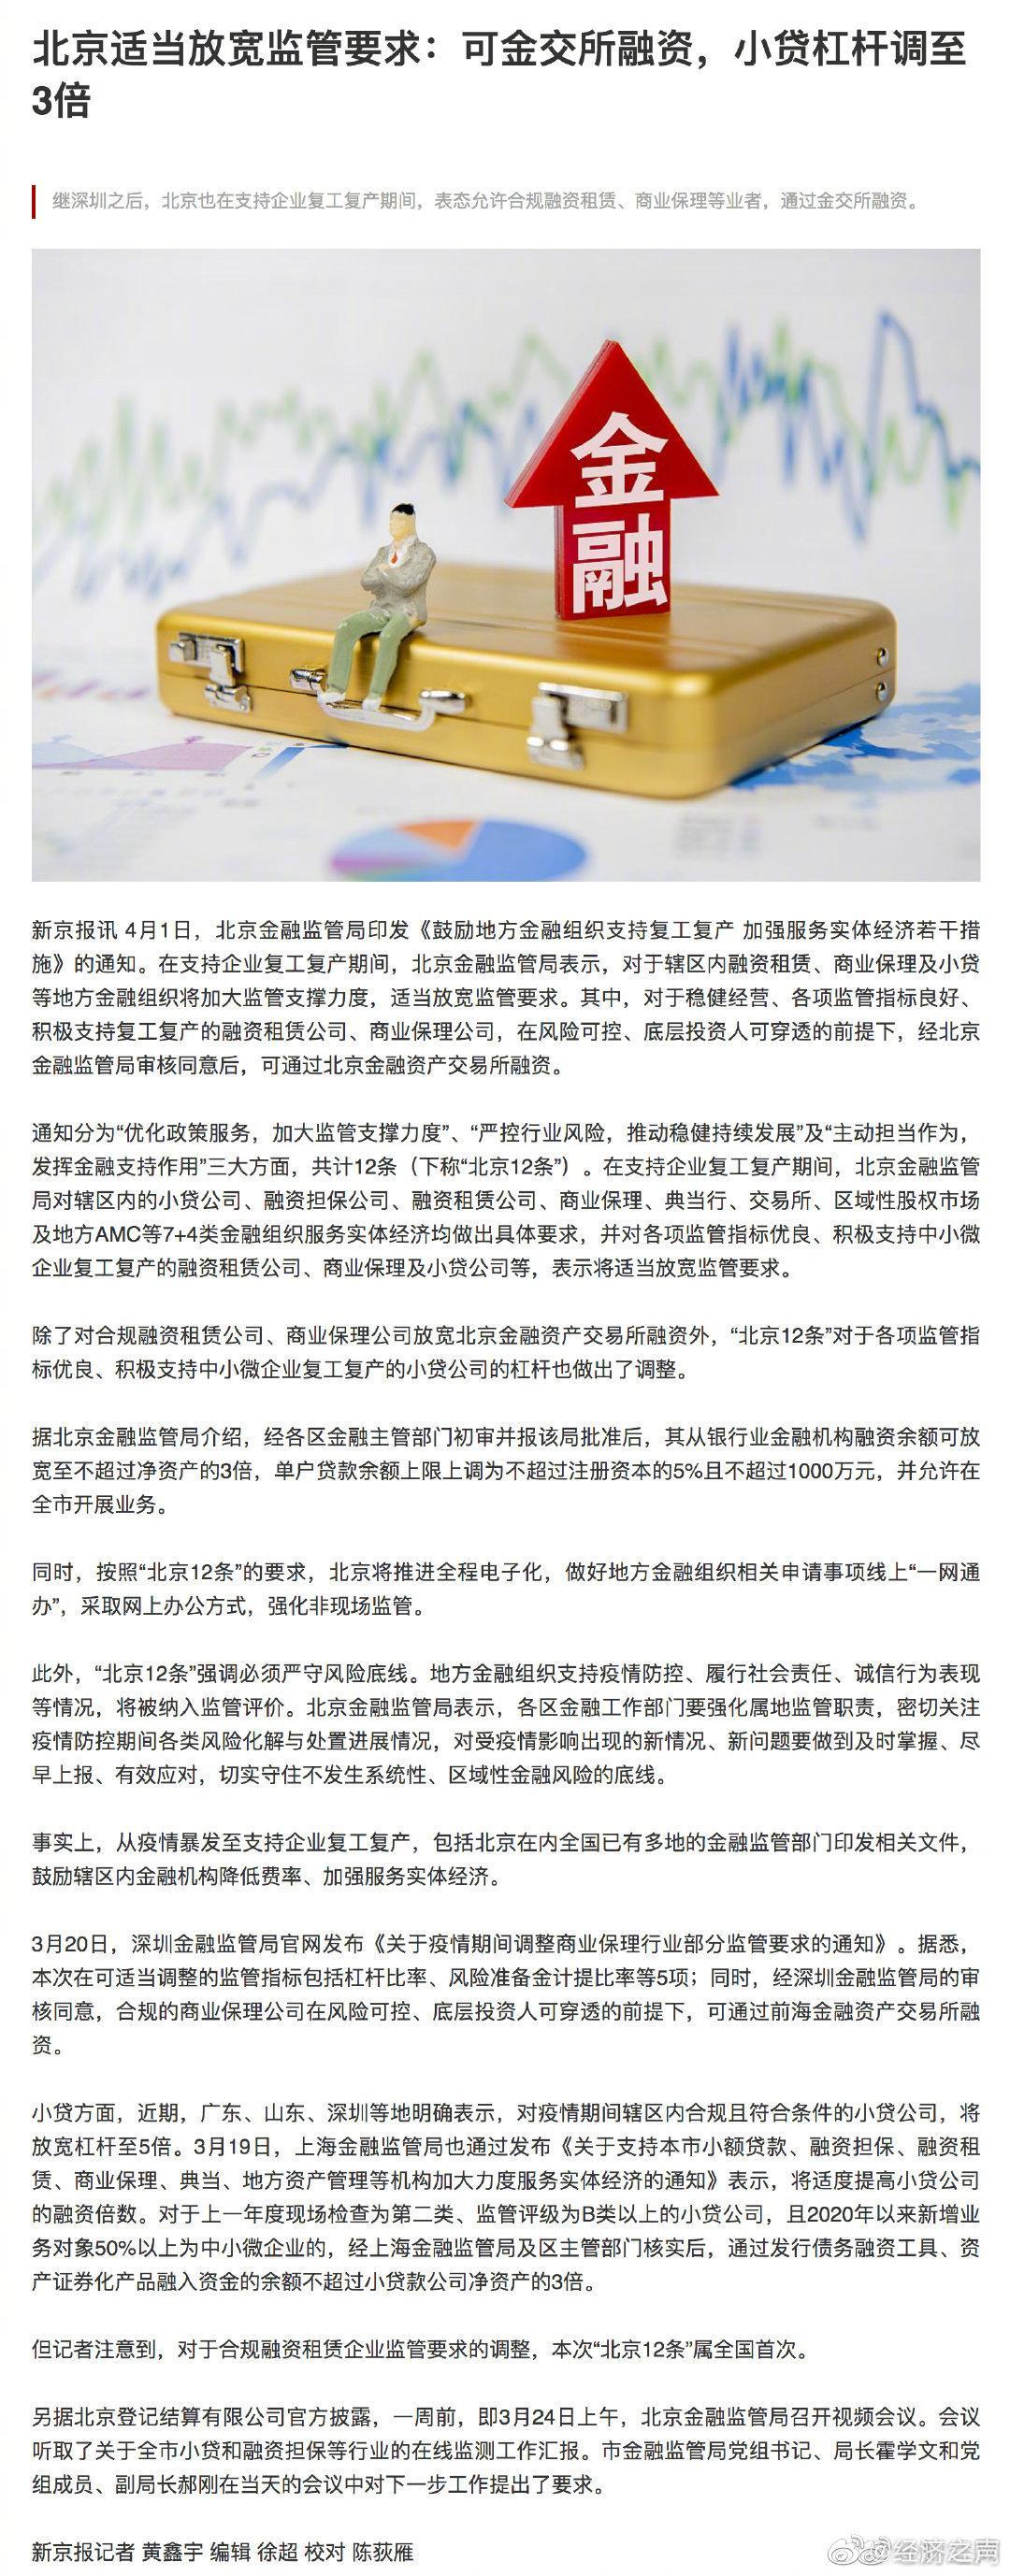 北京适当放宽监管要求:可金交所融资小贷杠杆调至3倍